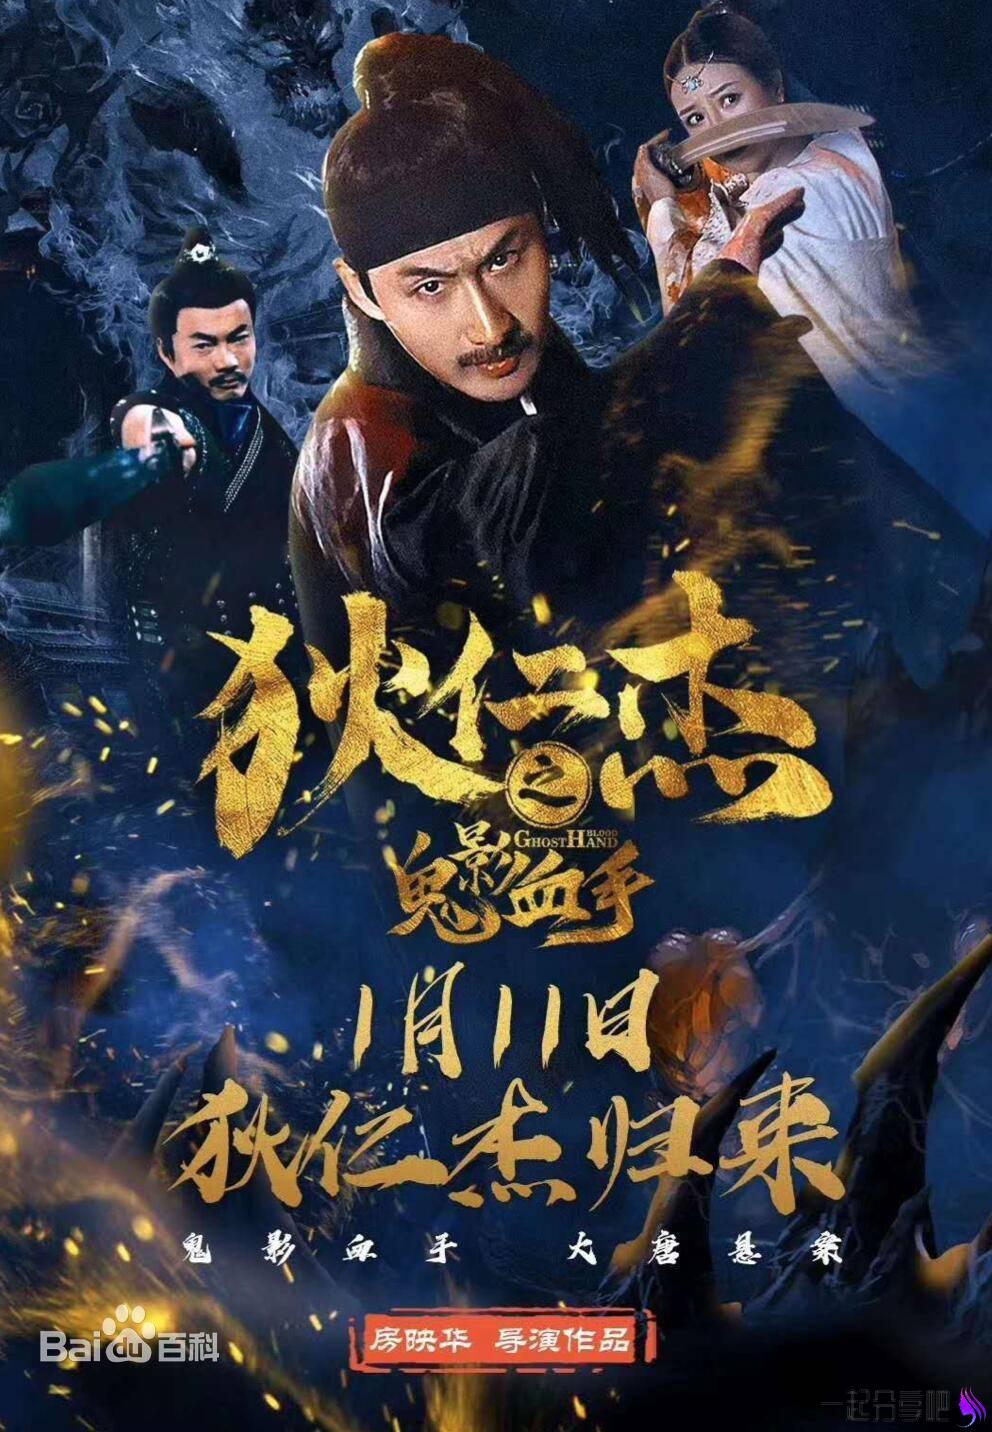 《狄仁杰之鬼影血手》HD1080p国语中字版 第1张